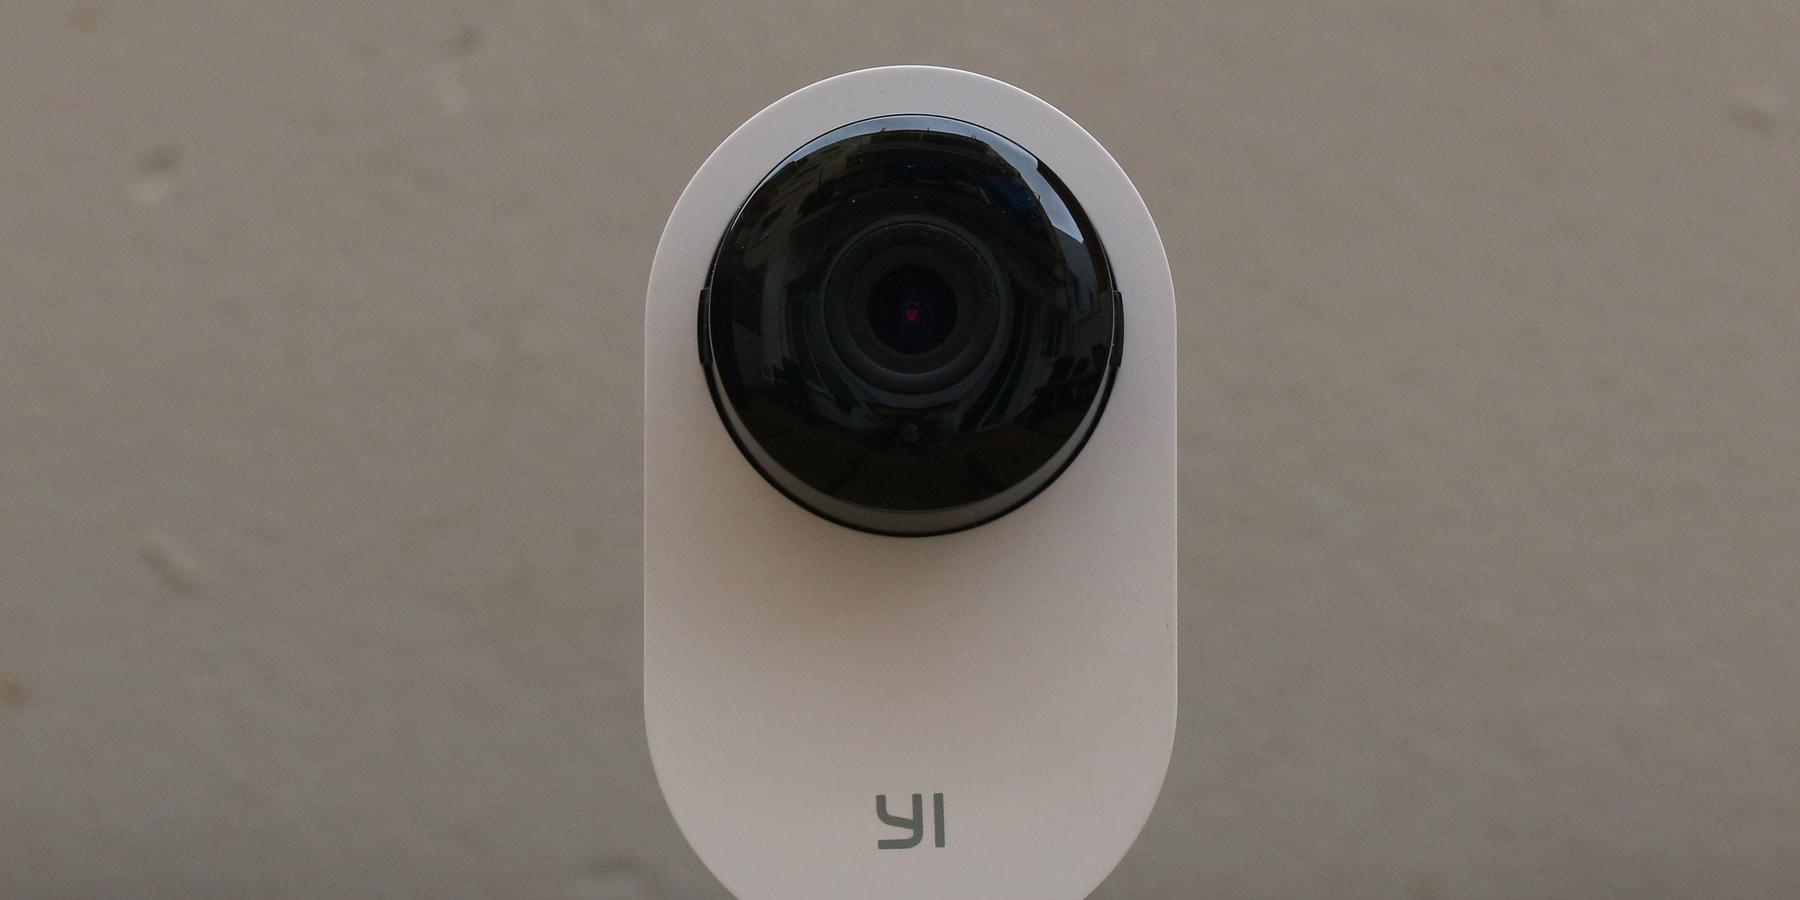 Yi Home Camera. Tania kamerka o dużych możliwościach